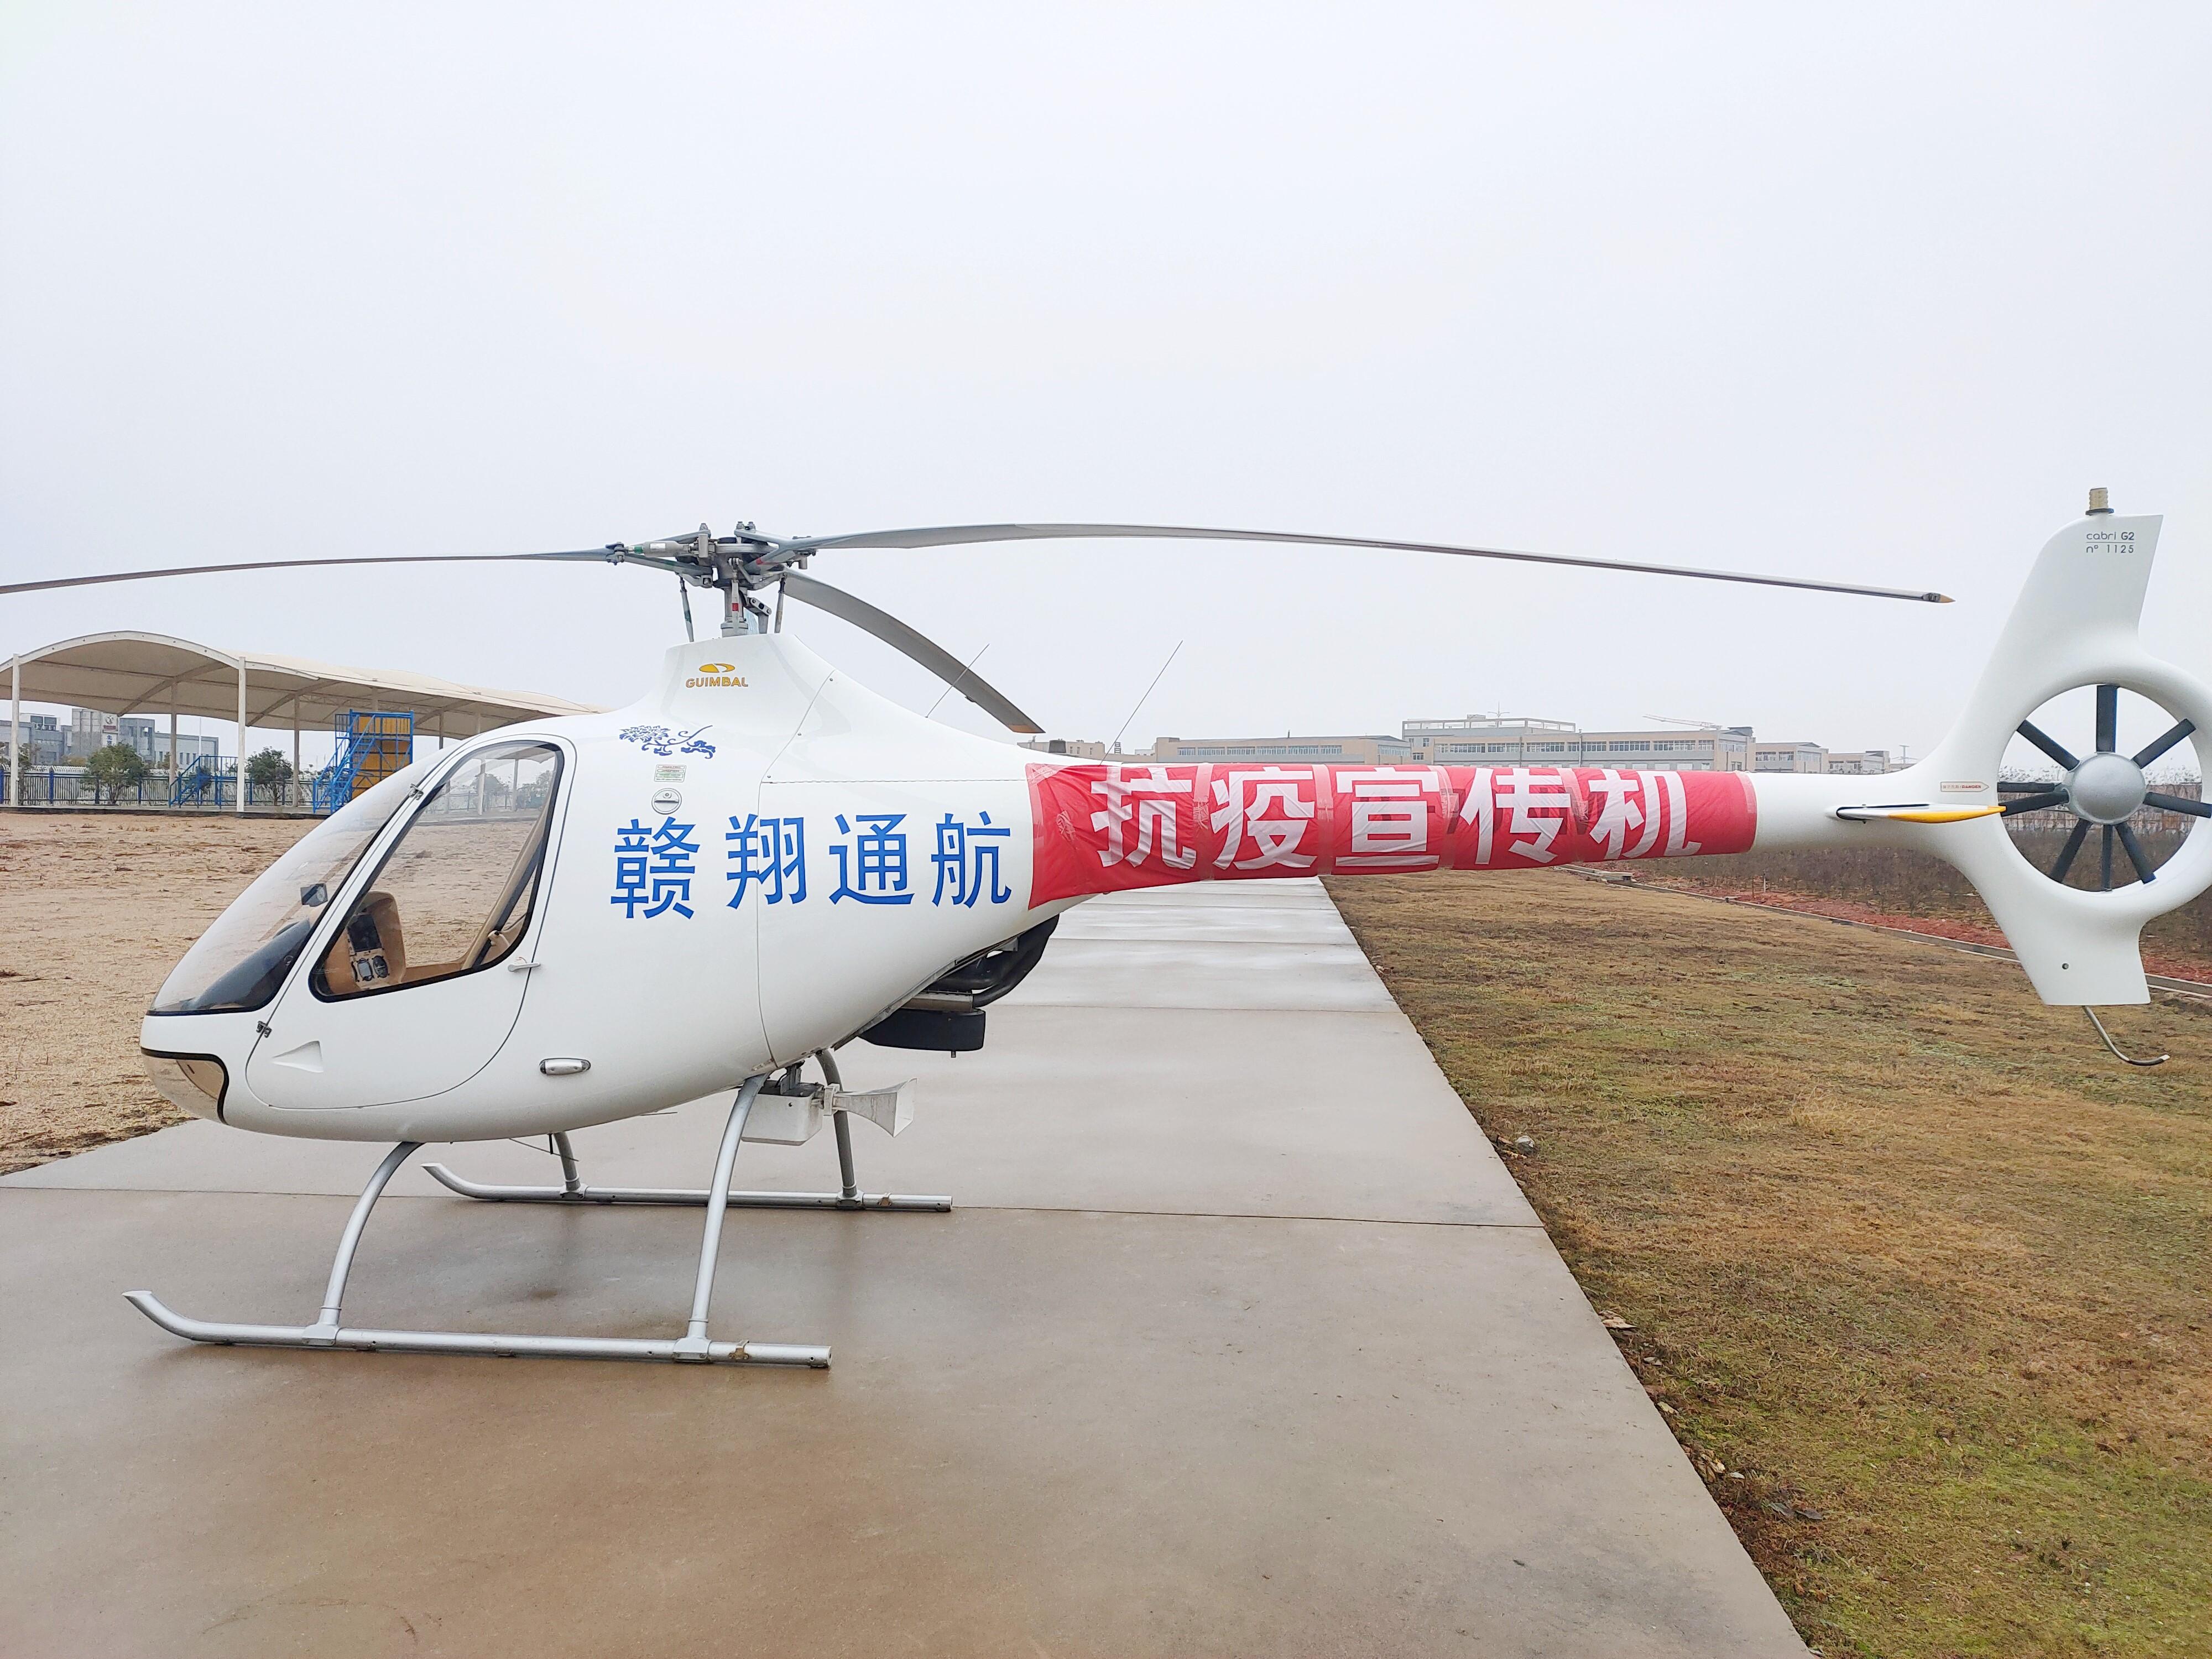 赣翔通航直升机巡逻助力疫情防控